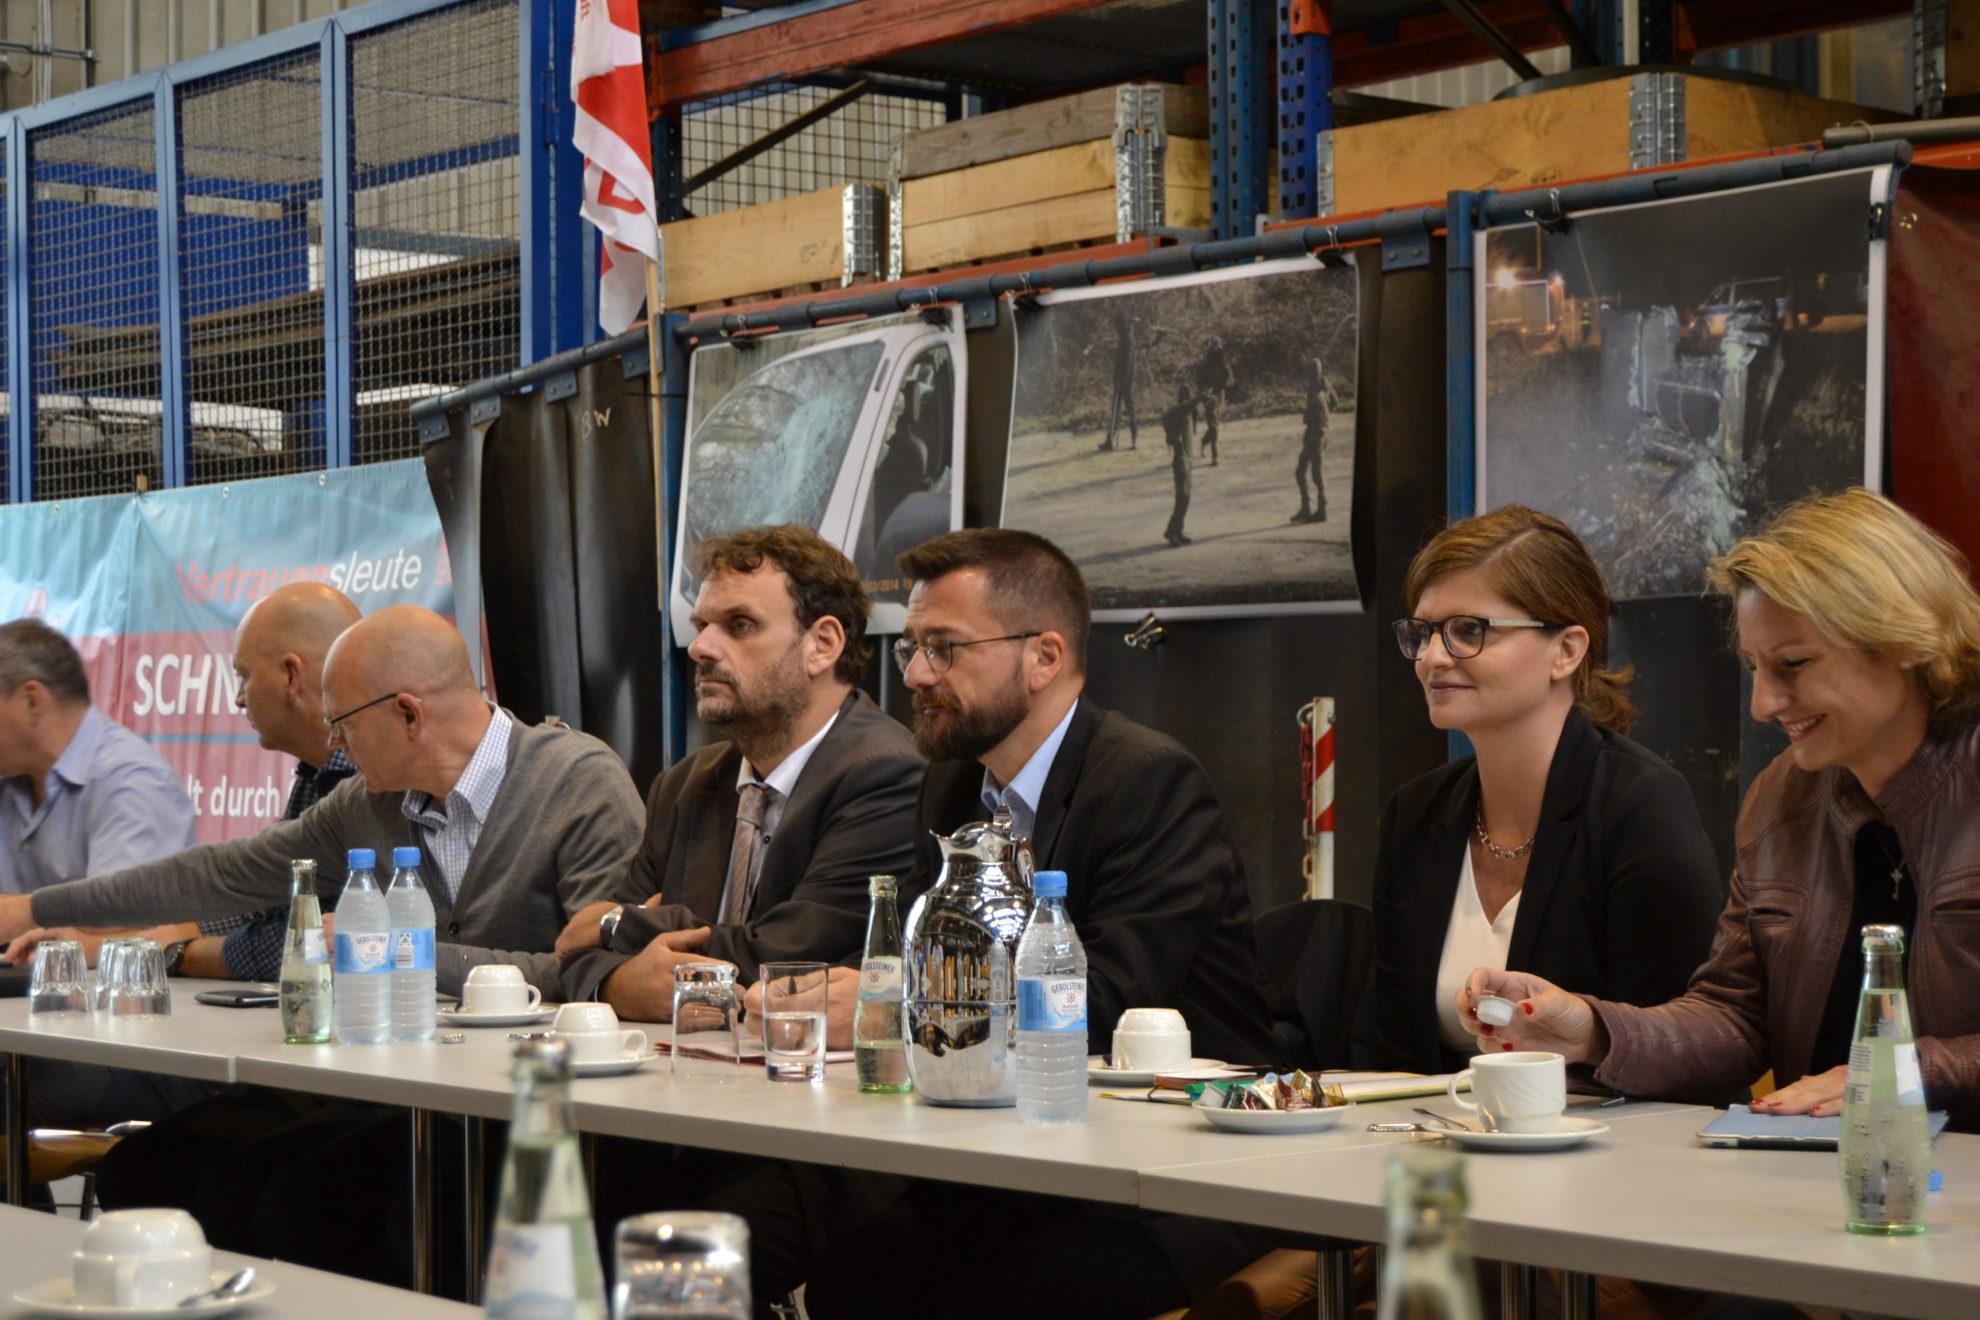 Gespräch Gesamtbetriebsrat 7.9.18 Offener Austausch mit dem Gesamtbetriebsrat in der Werkstatt des Tagebau Hambach.